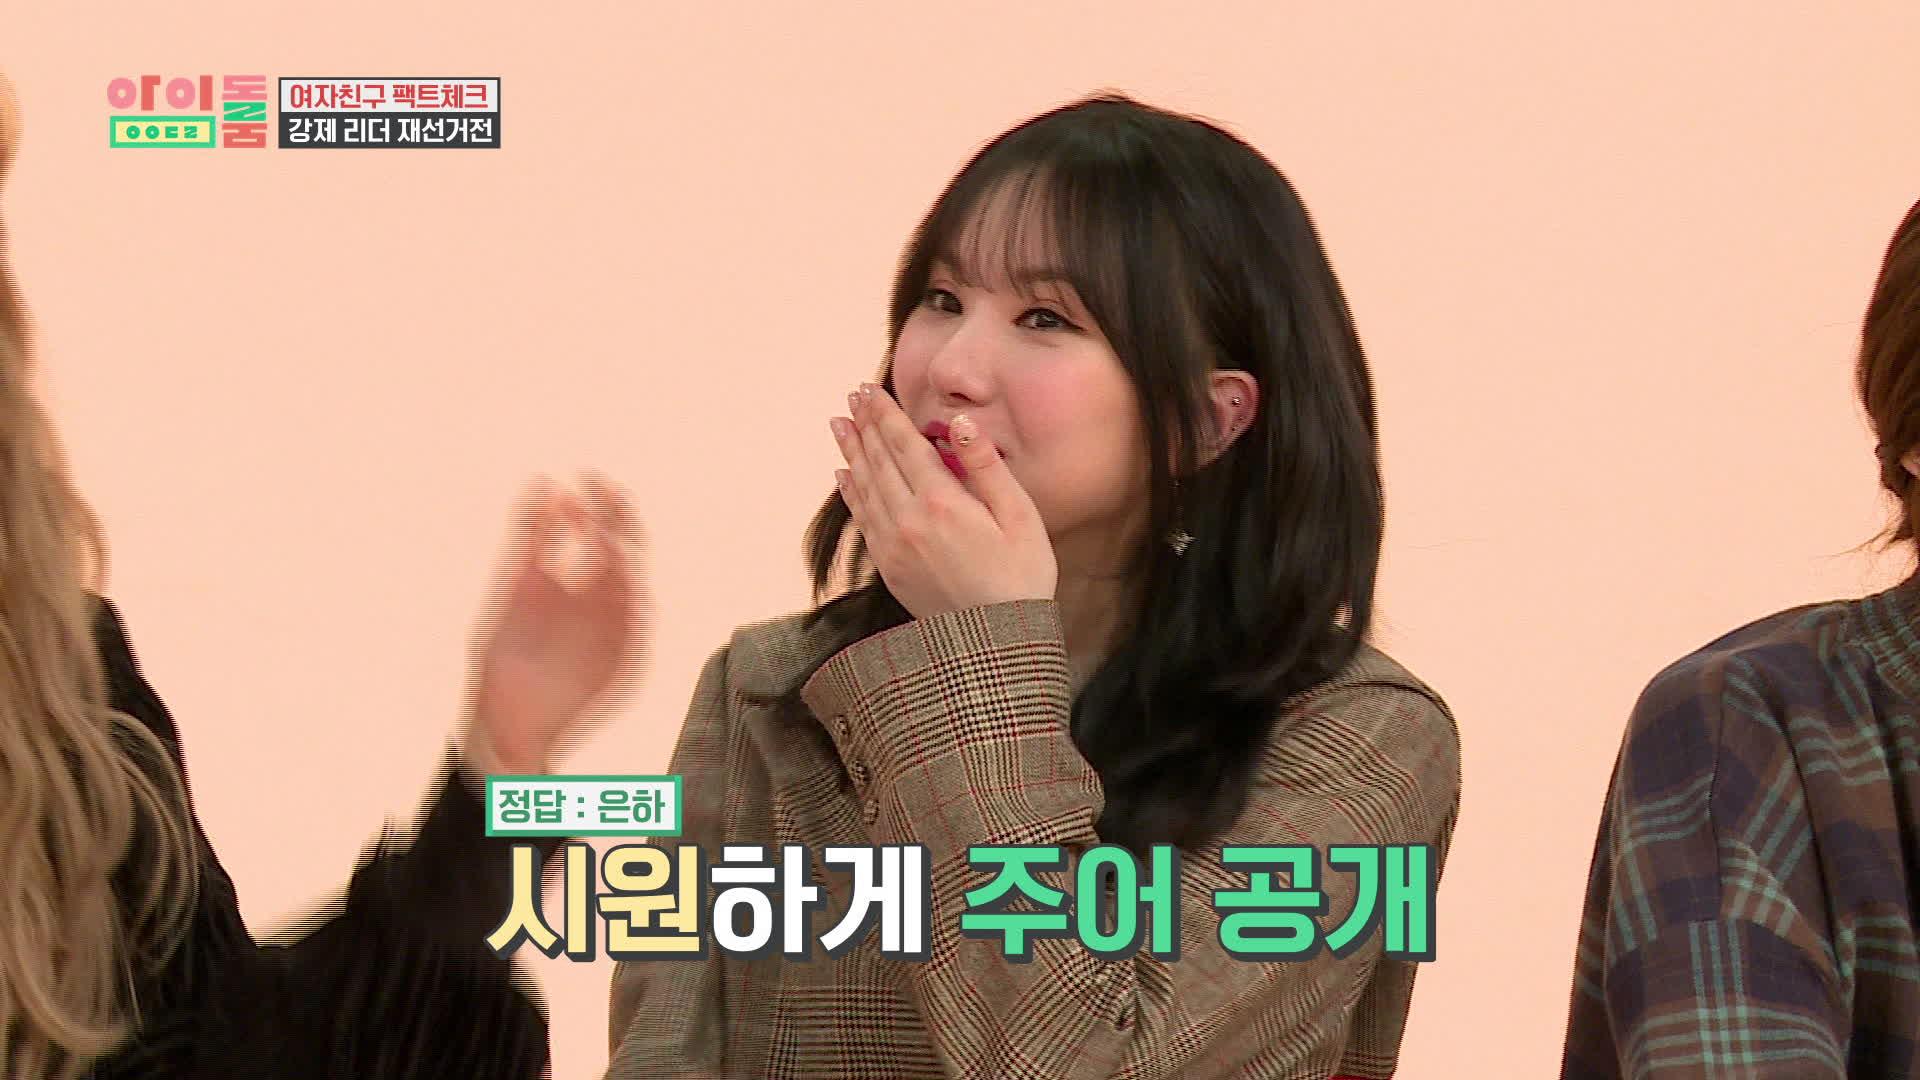 """아이돌룸(IDOL ROOM) 35회 - 여자친구 4주년, """"쏘리더 체제, 이대로 괜찮은가?!"""""""